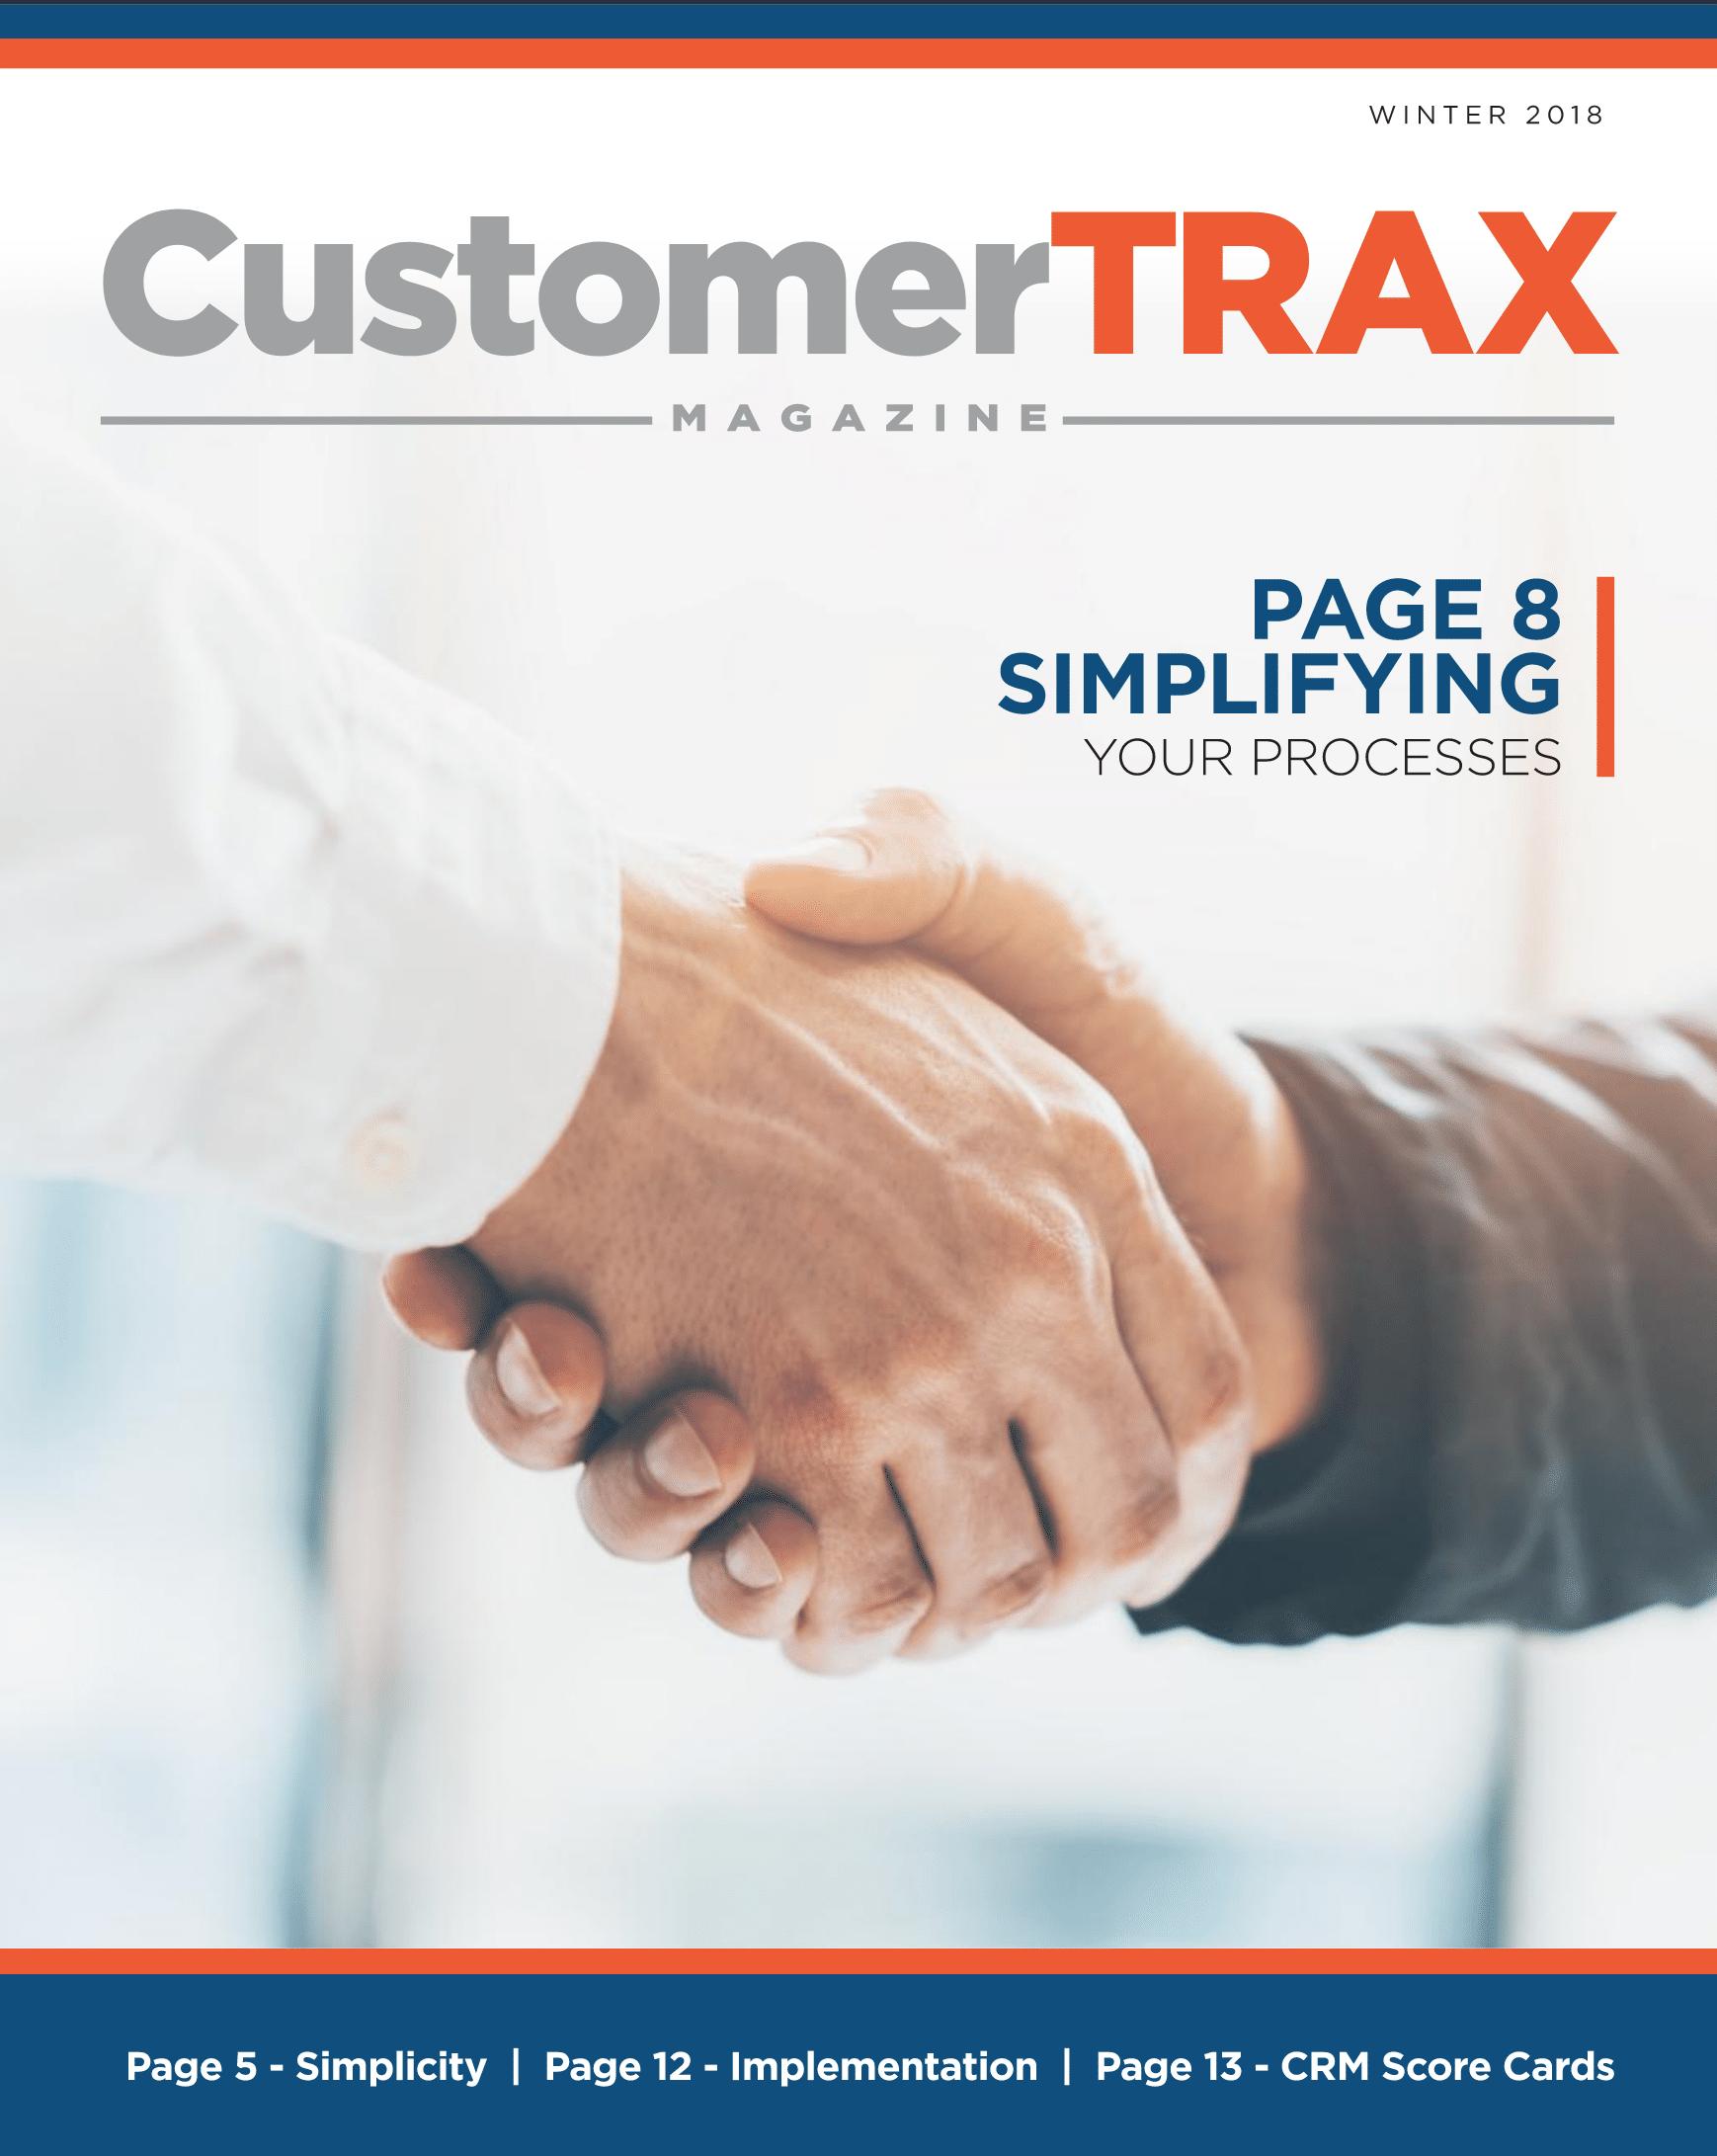 CustomerTrax Magazine